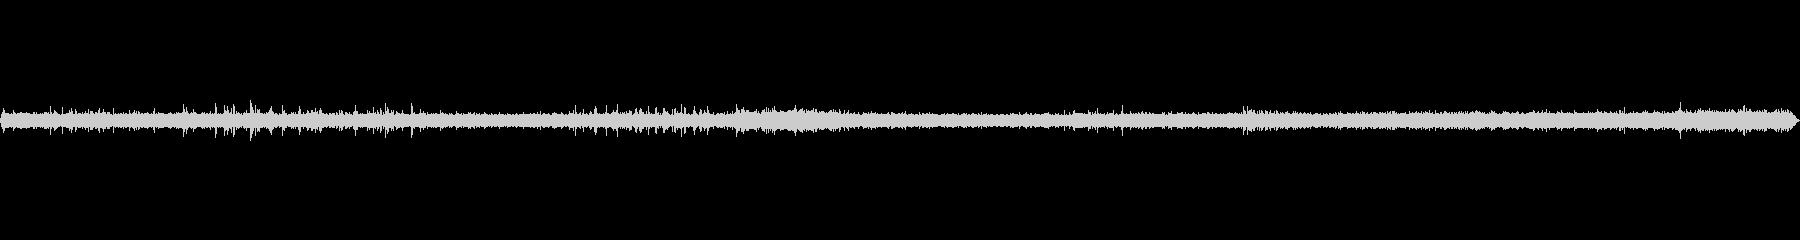 メタルヒートパイプ:ヒスとシズル、...の未再生の波形